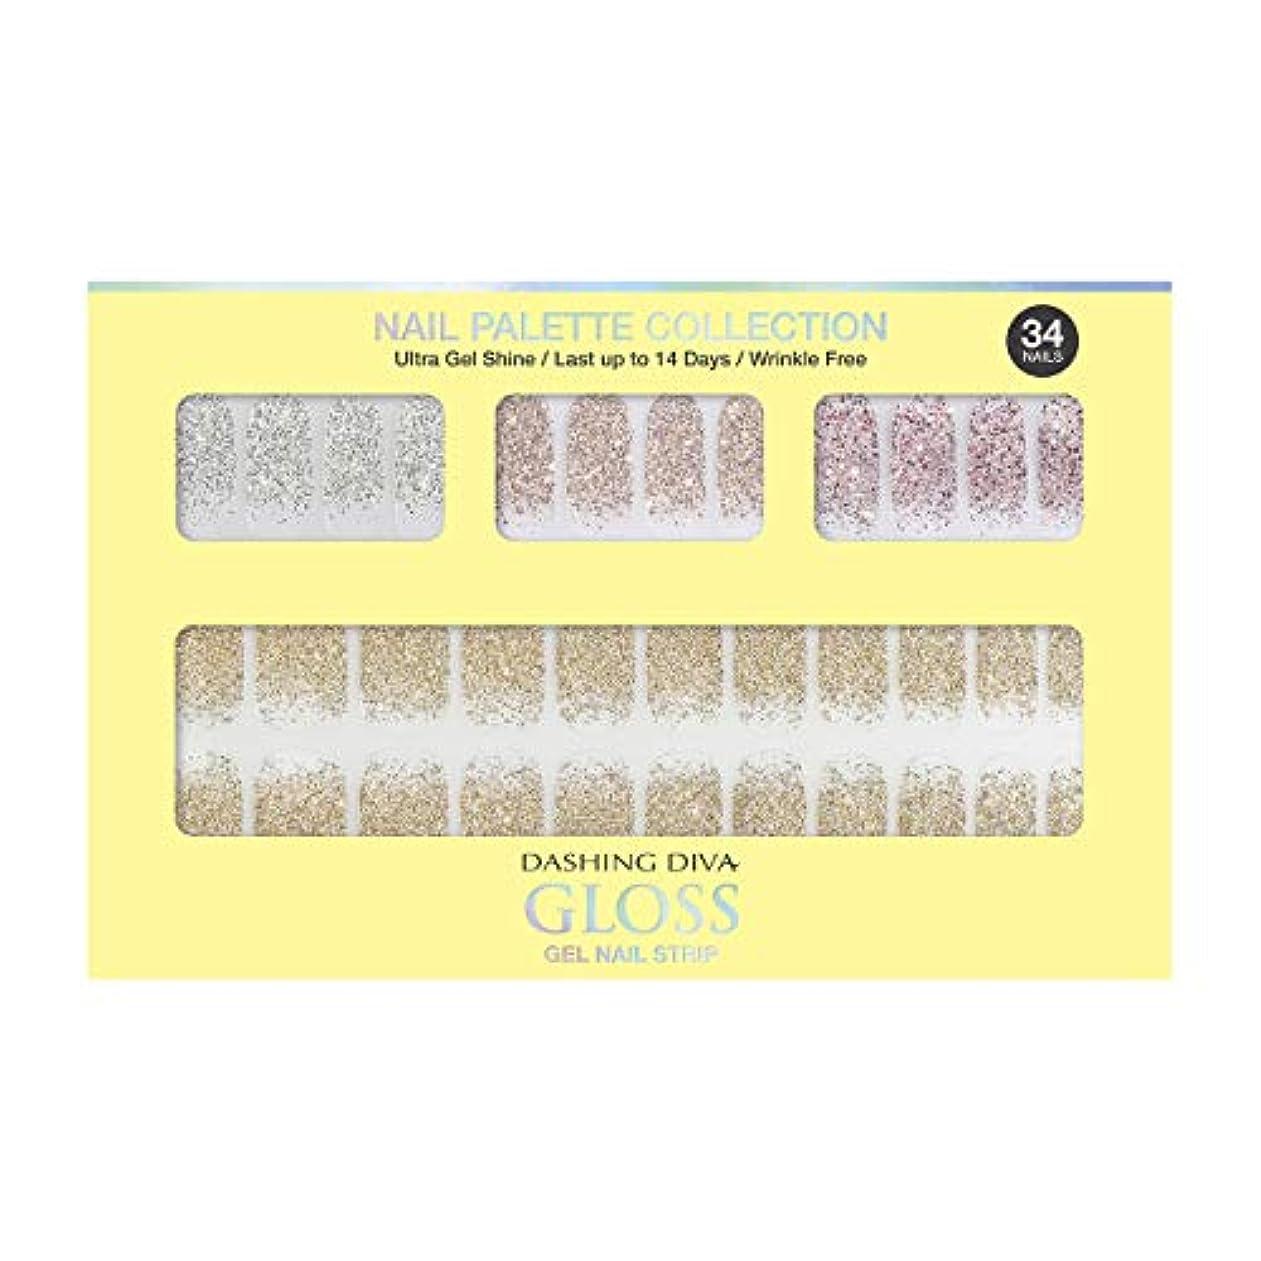 比べる分類城ダッシングディバ グロスジェル ネイルストリップ DASHING DIVA Gloss Gel Nail Strip DGNP07-DURY+ オリジナルジェル ネイルシール Lemon #07 Sparkling Powder